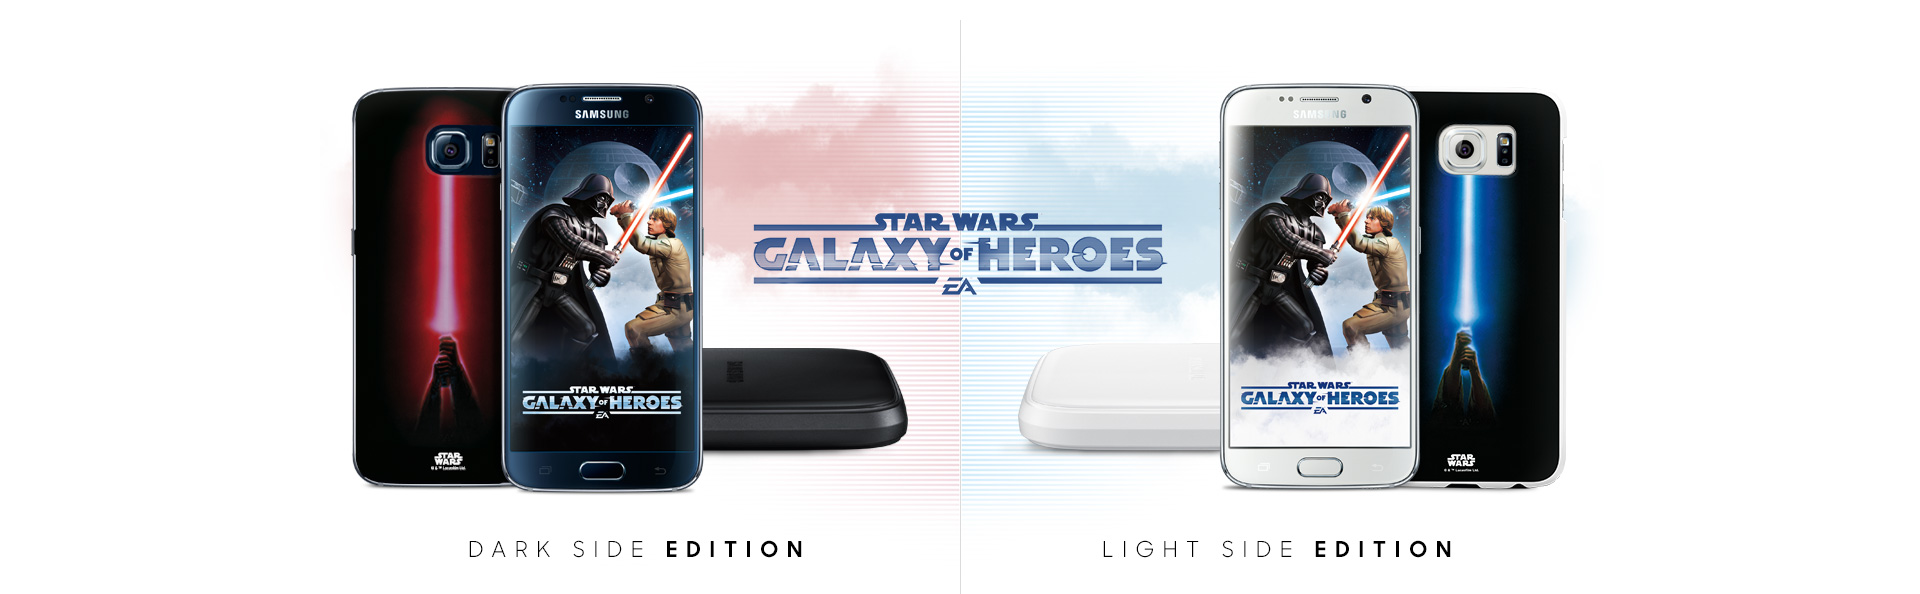 Samsung_Star_Wars_Bundle (1)